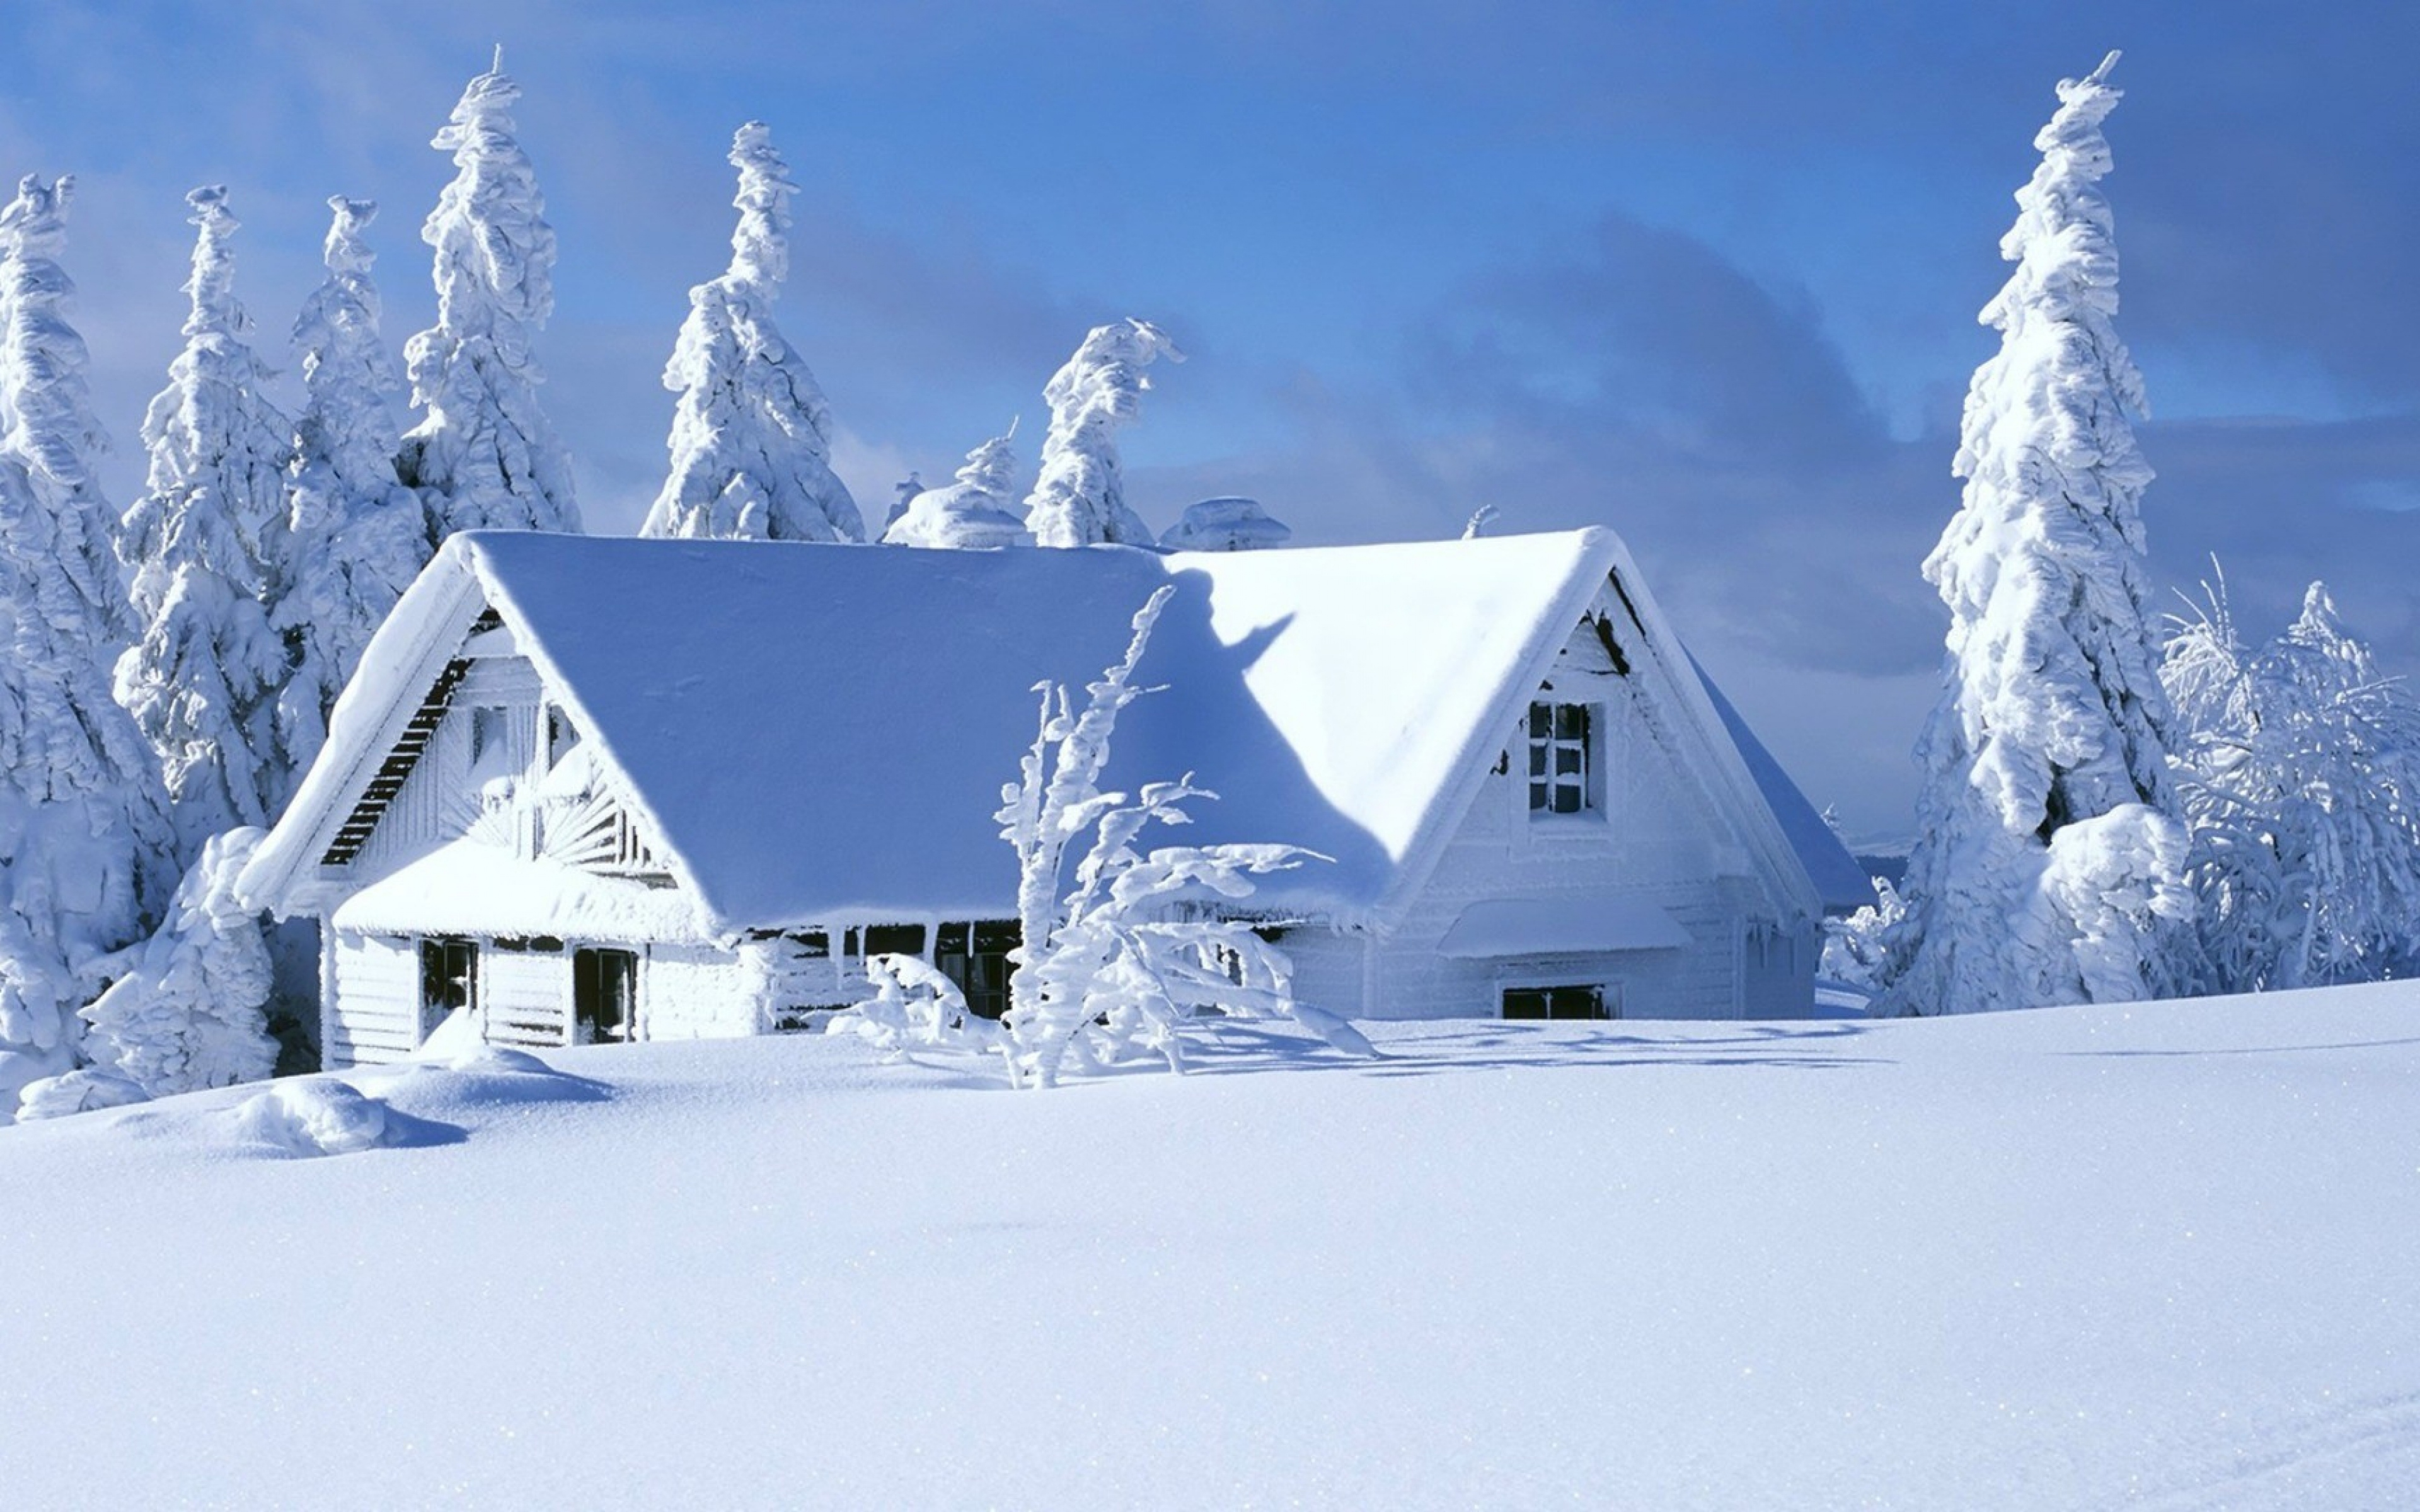 4k Snow Wallpaper Wallpapersafari